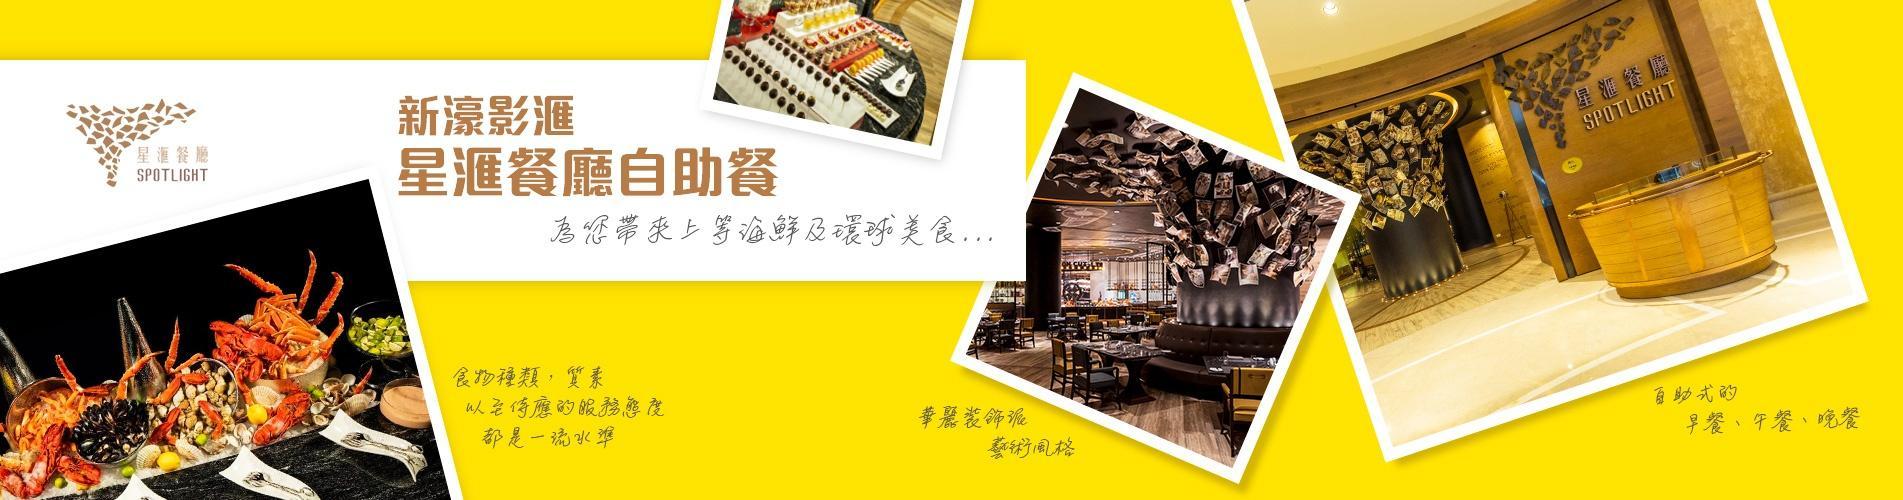 新濠影滙「星滙餐廳」自助餐